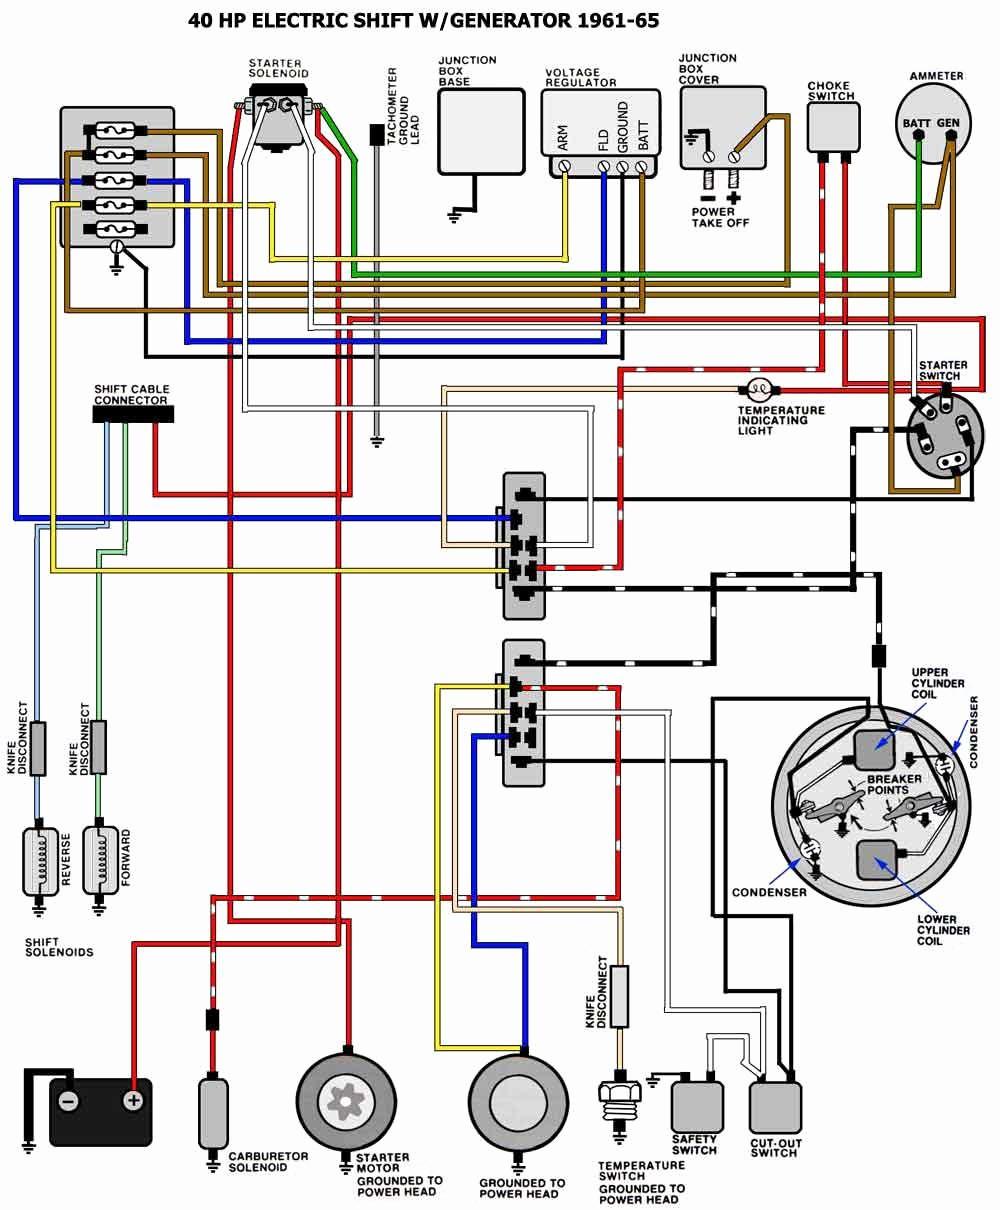 suzuki outboard engine wiring diagram wiring diagram third levelsuzuki outboard fuse box wiring diagram todays suzuki 100 hp wiring diagram suzuki outboard engine wiring diagram